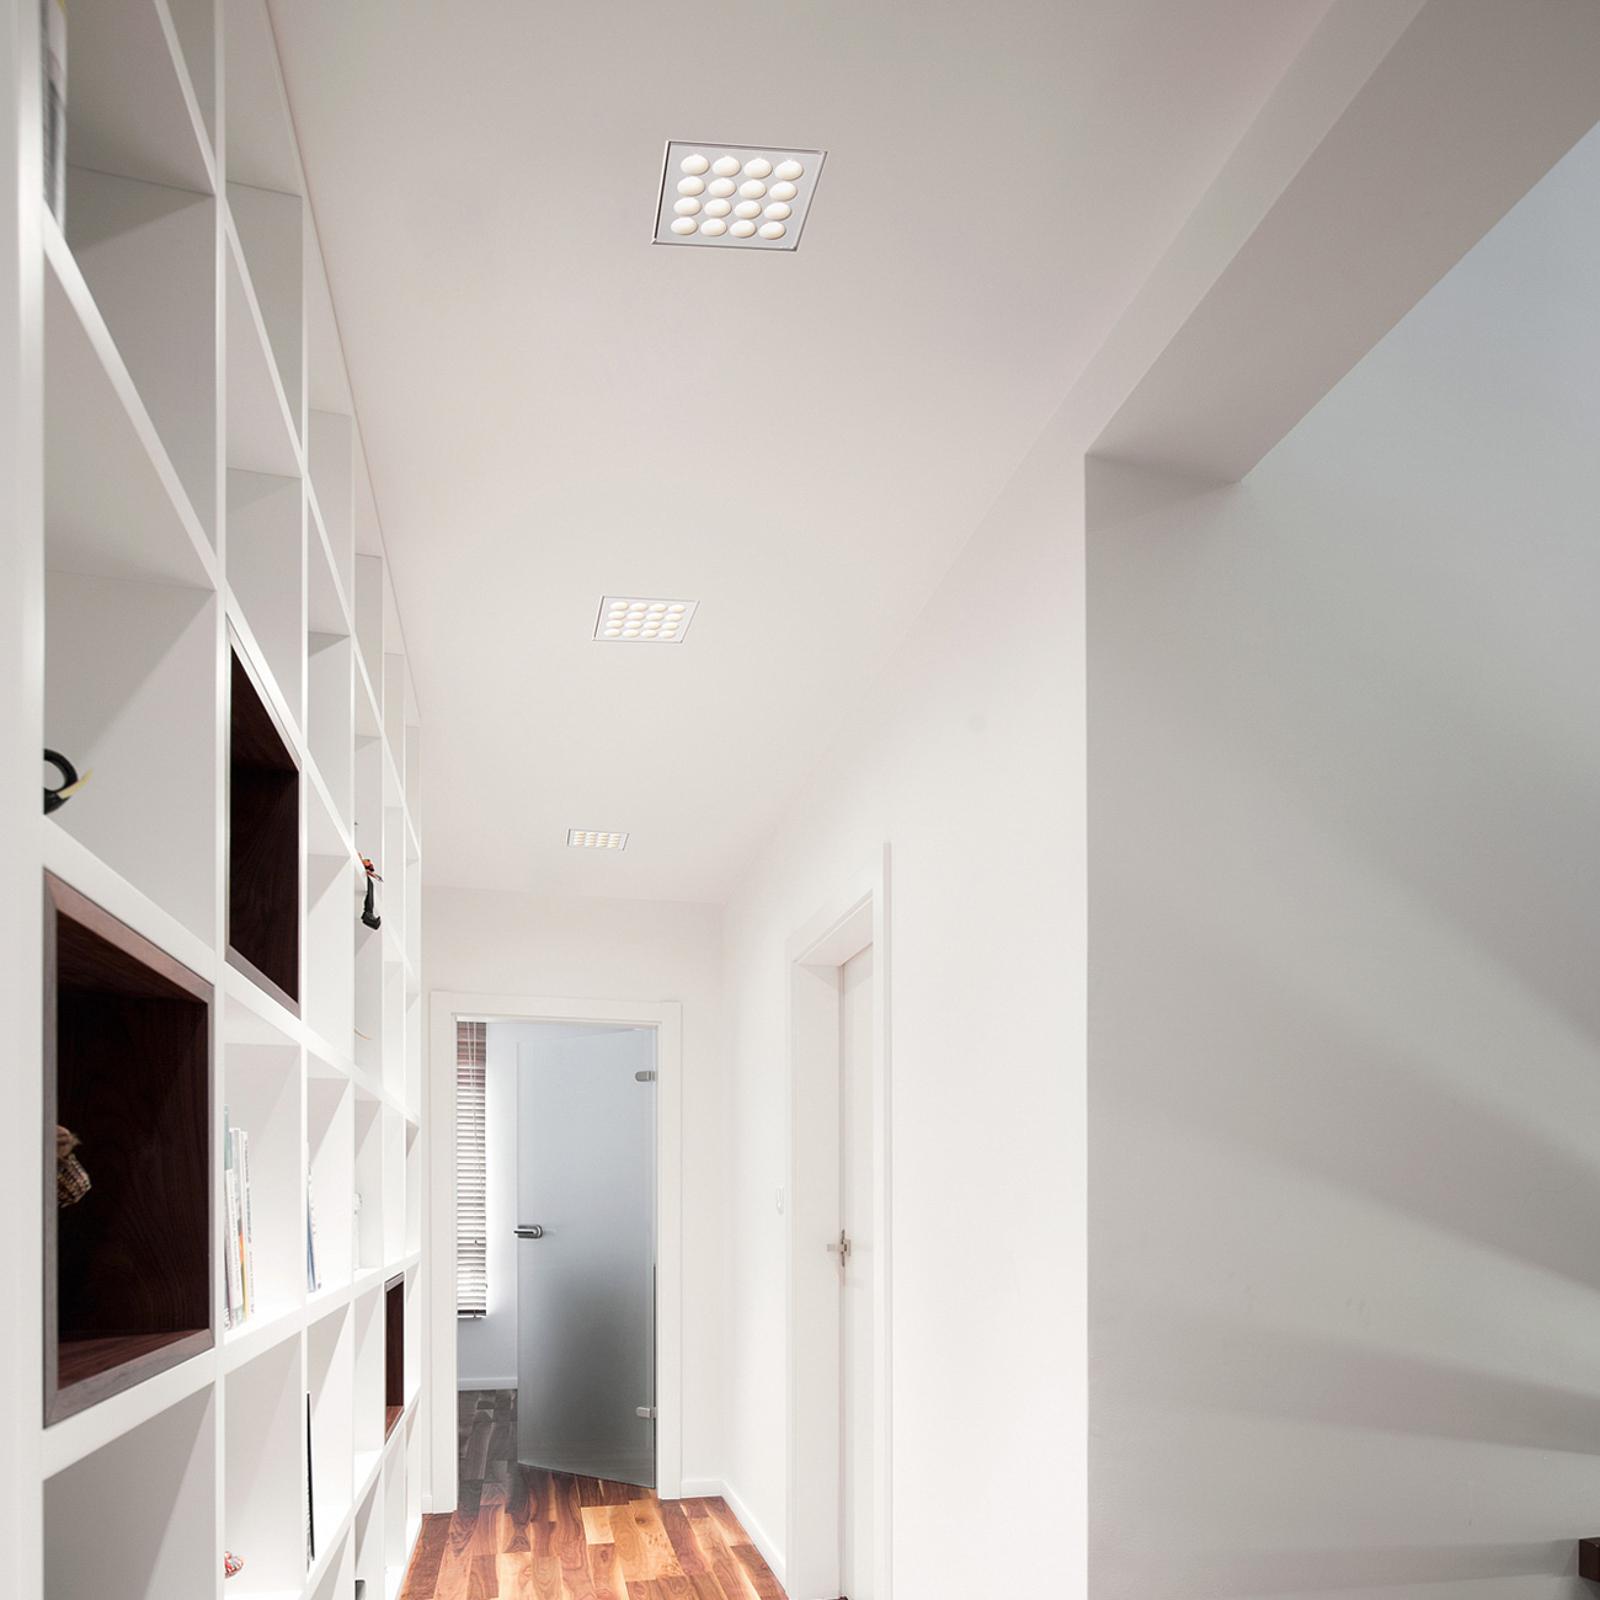 Plafonnier encastré LED Ade T284 - 13cm x 13cm